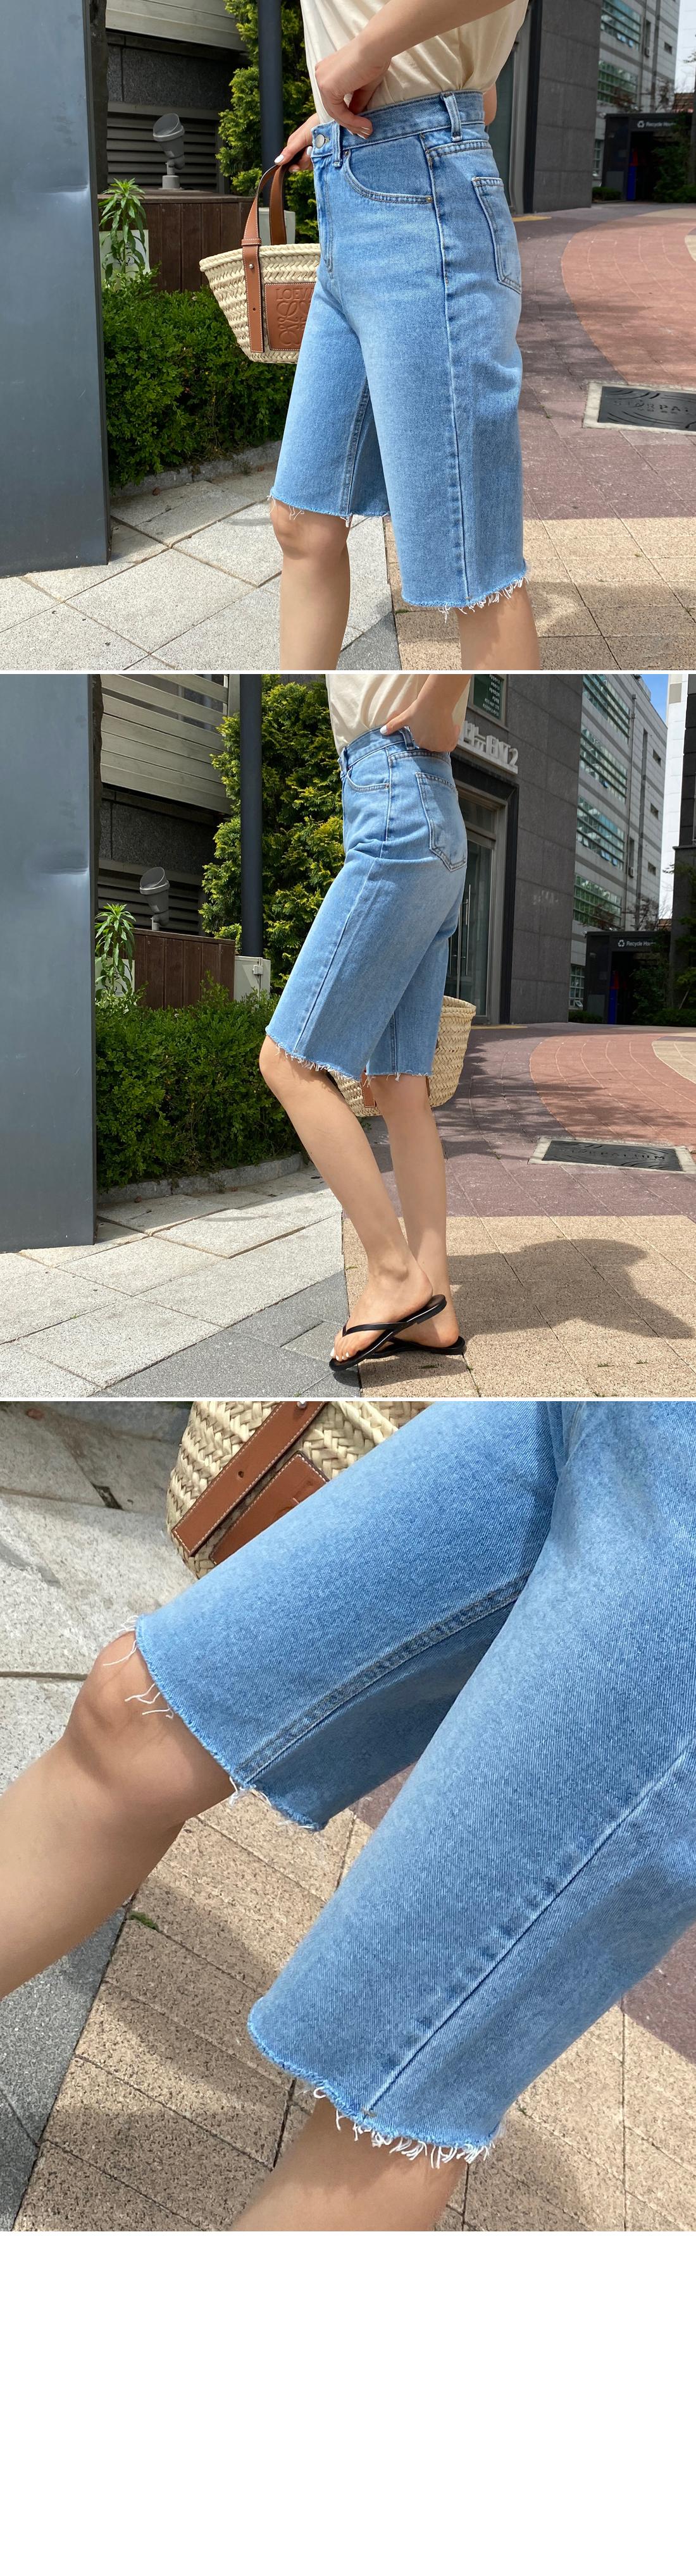 Dubbed Part 5 Date Blue Shorts